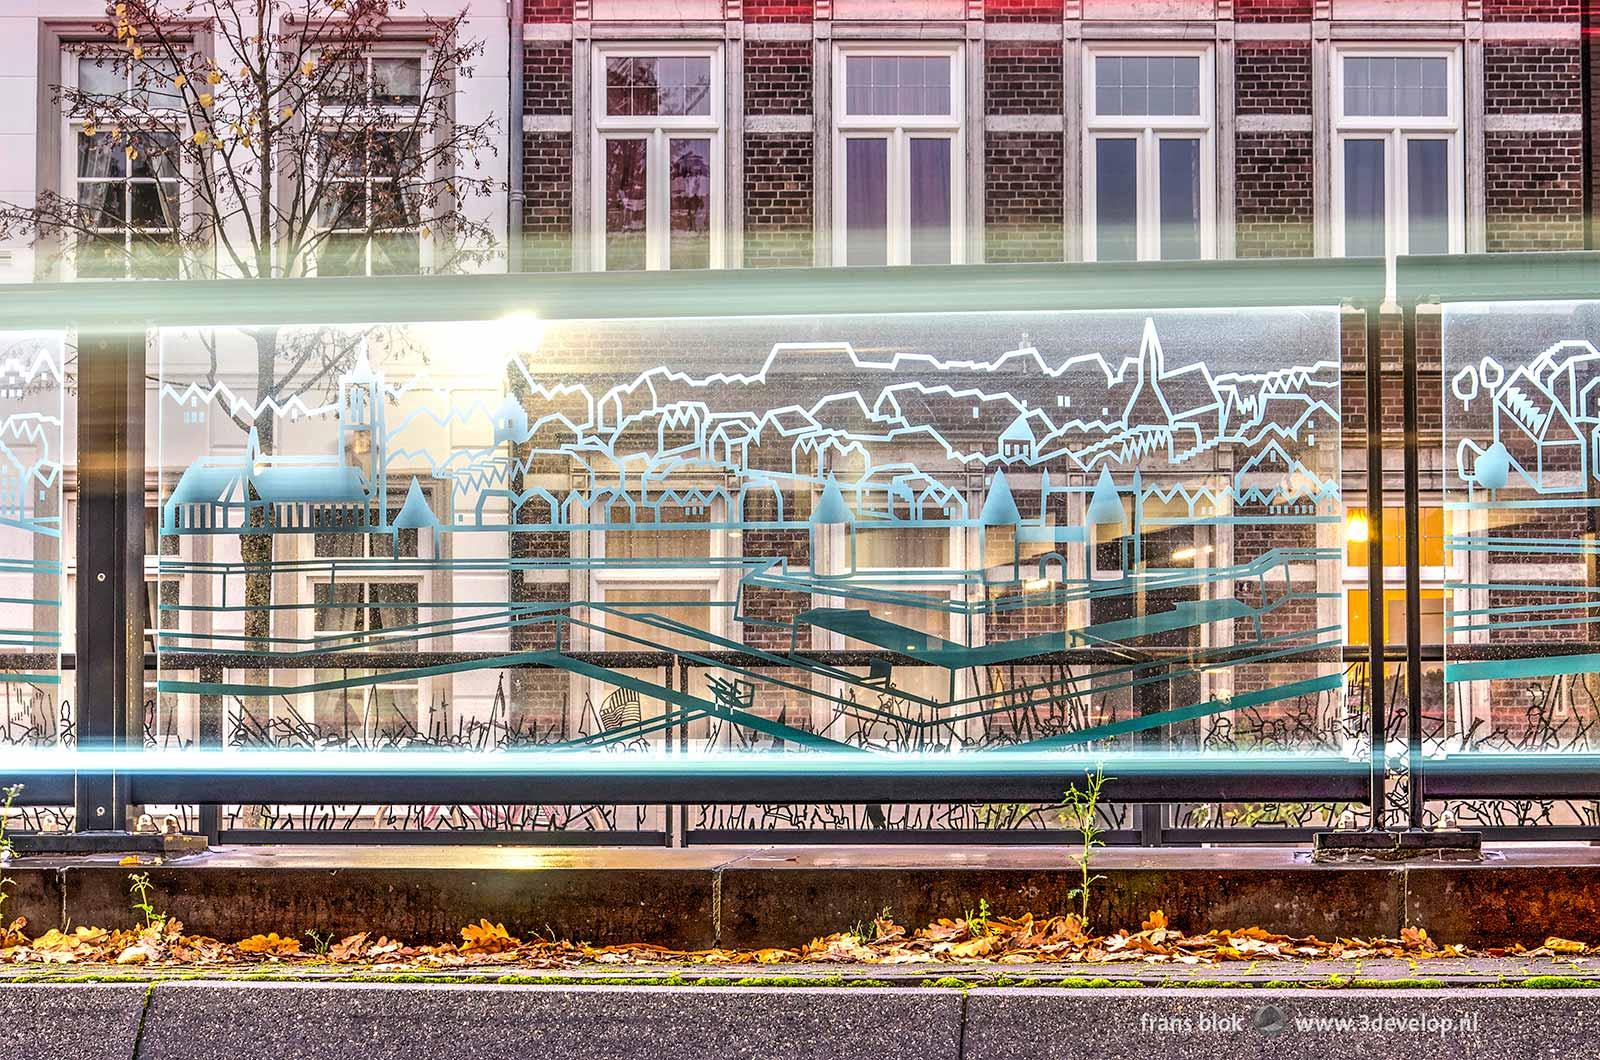 Detailopname van een glaspaneel met print van de historische vestingwerken bij het Koninginneplein in Venlo